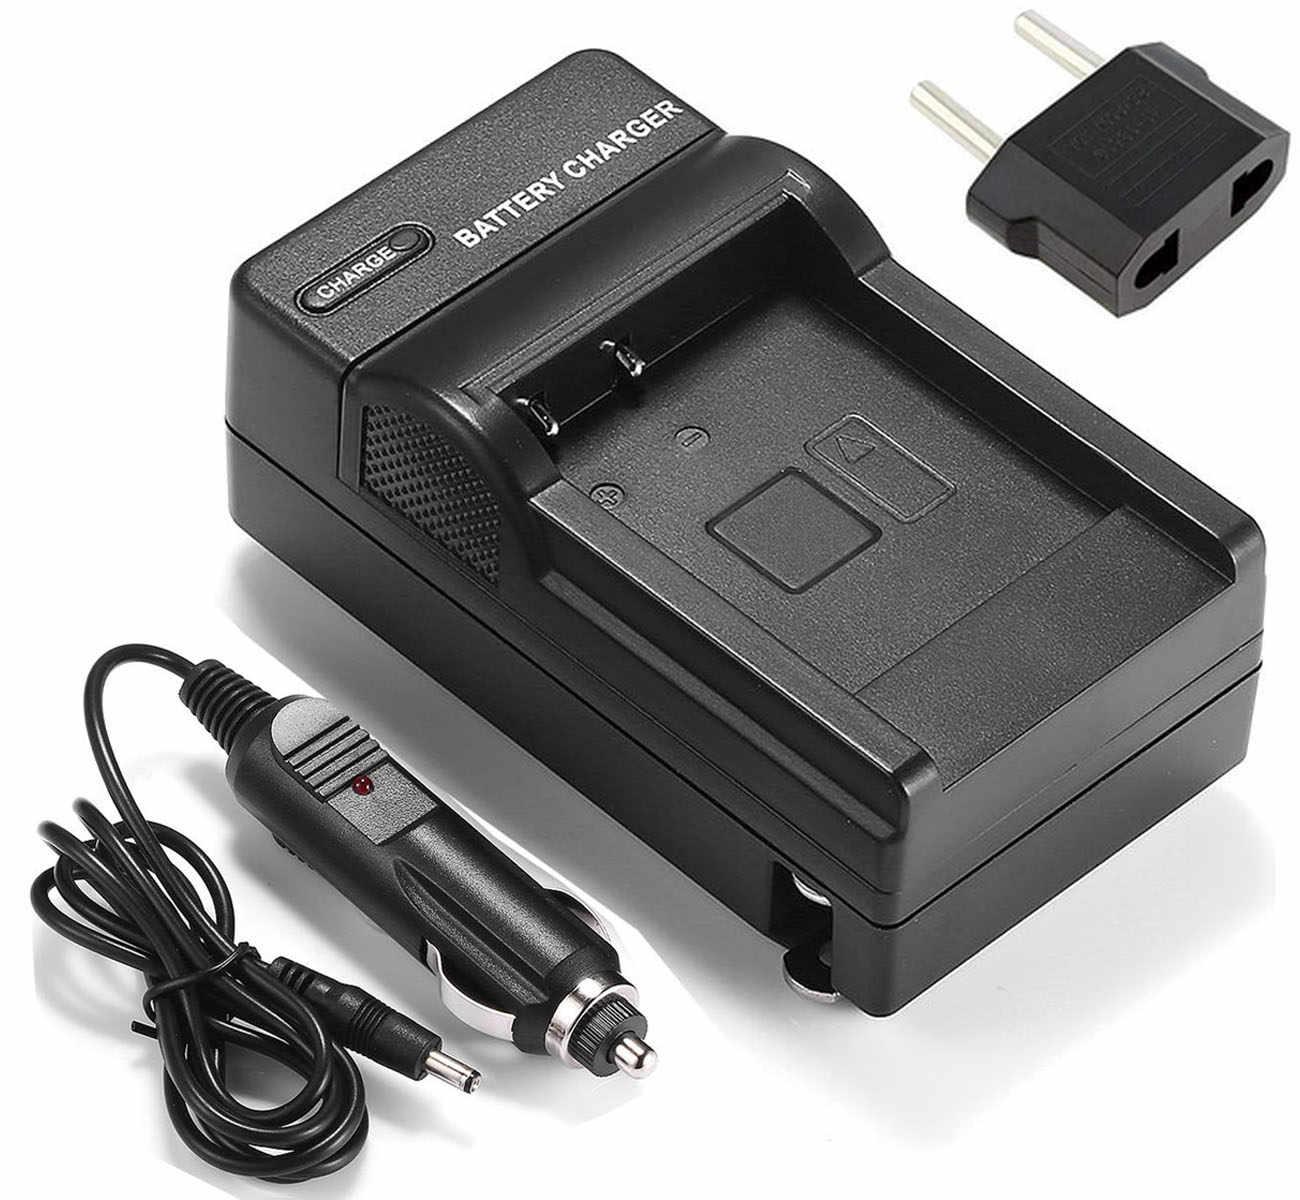 GR-D340 MiniDV Camcorder GR-D320 Battery Charger for JVC GR-D240